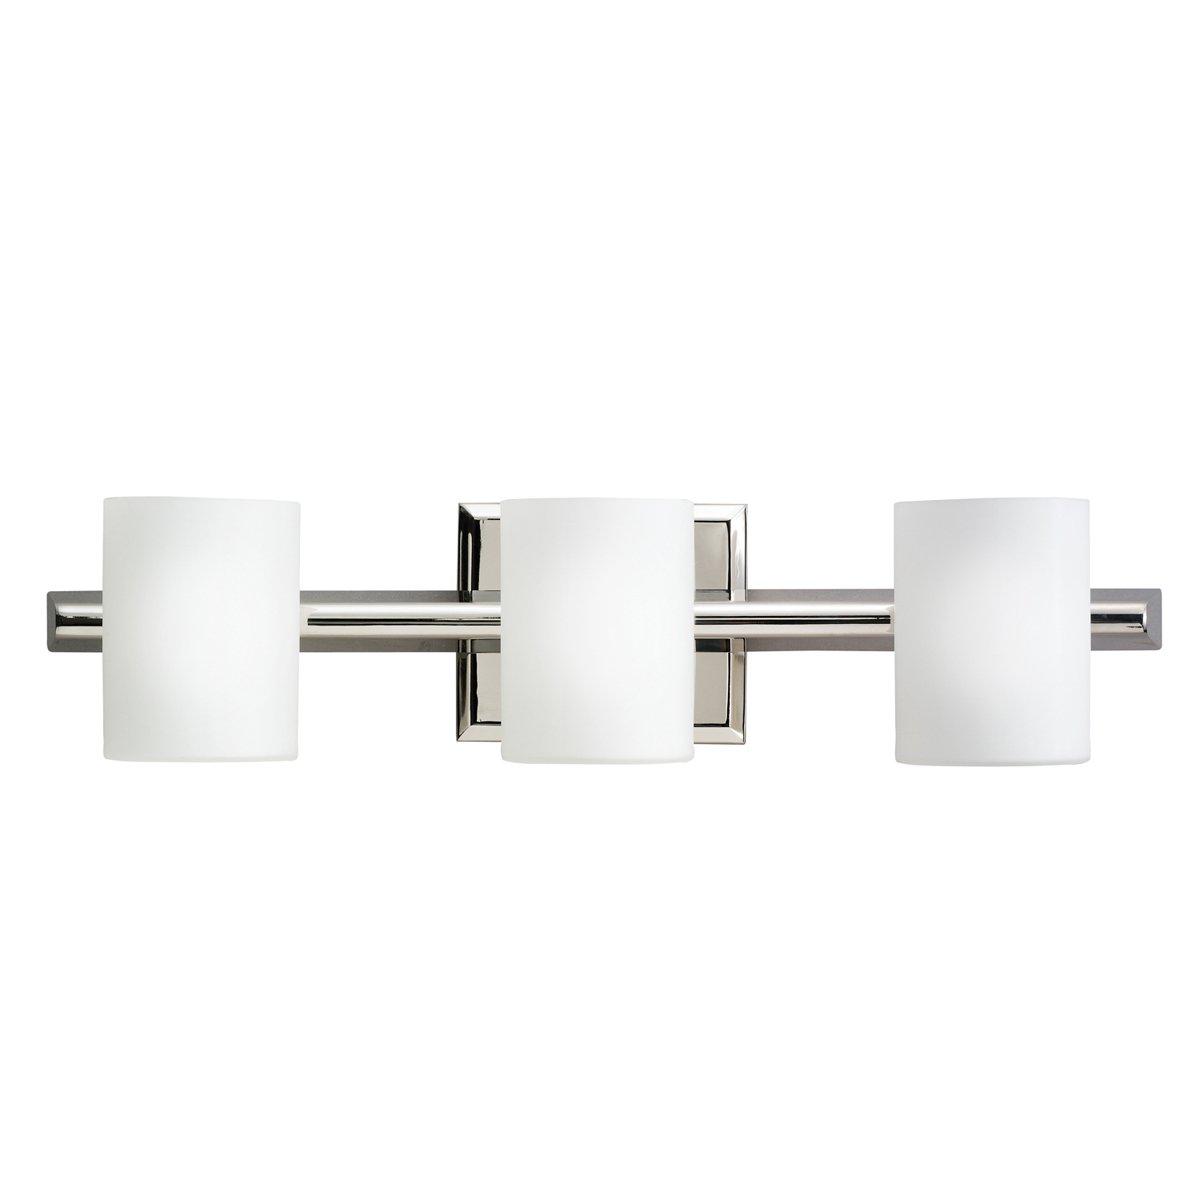 Bathroom halogen light fixtures - Kichler 5967ni Three Light Bath Vanity Lighting Fixtures Amazon Com